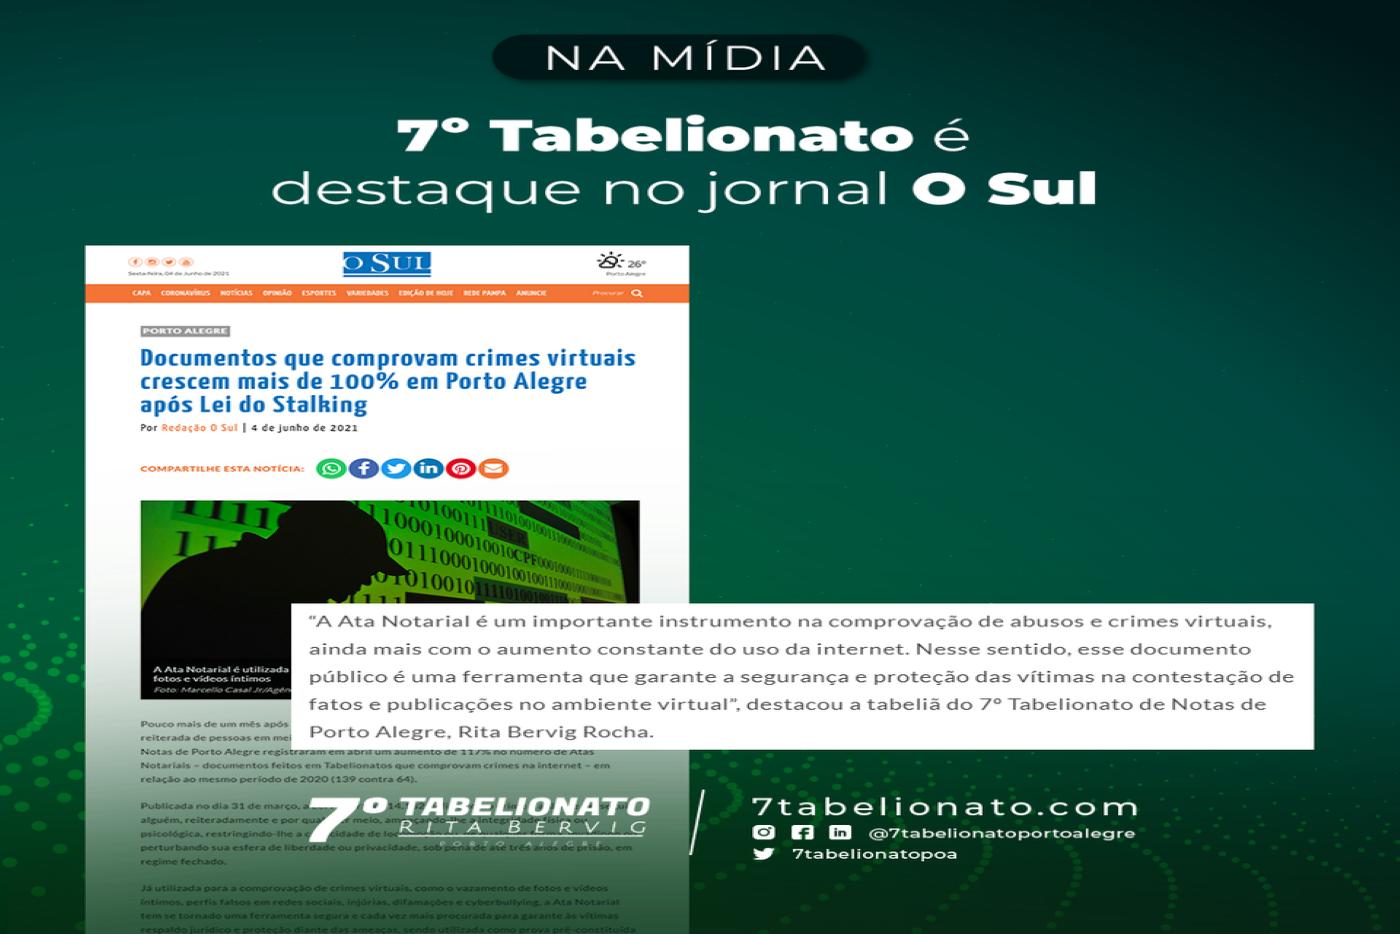 7º Tabelionato é Destaque No Jornal O Sul